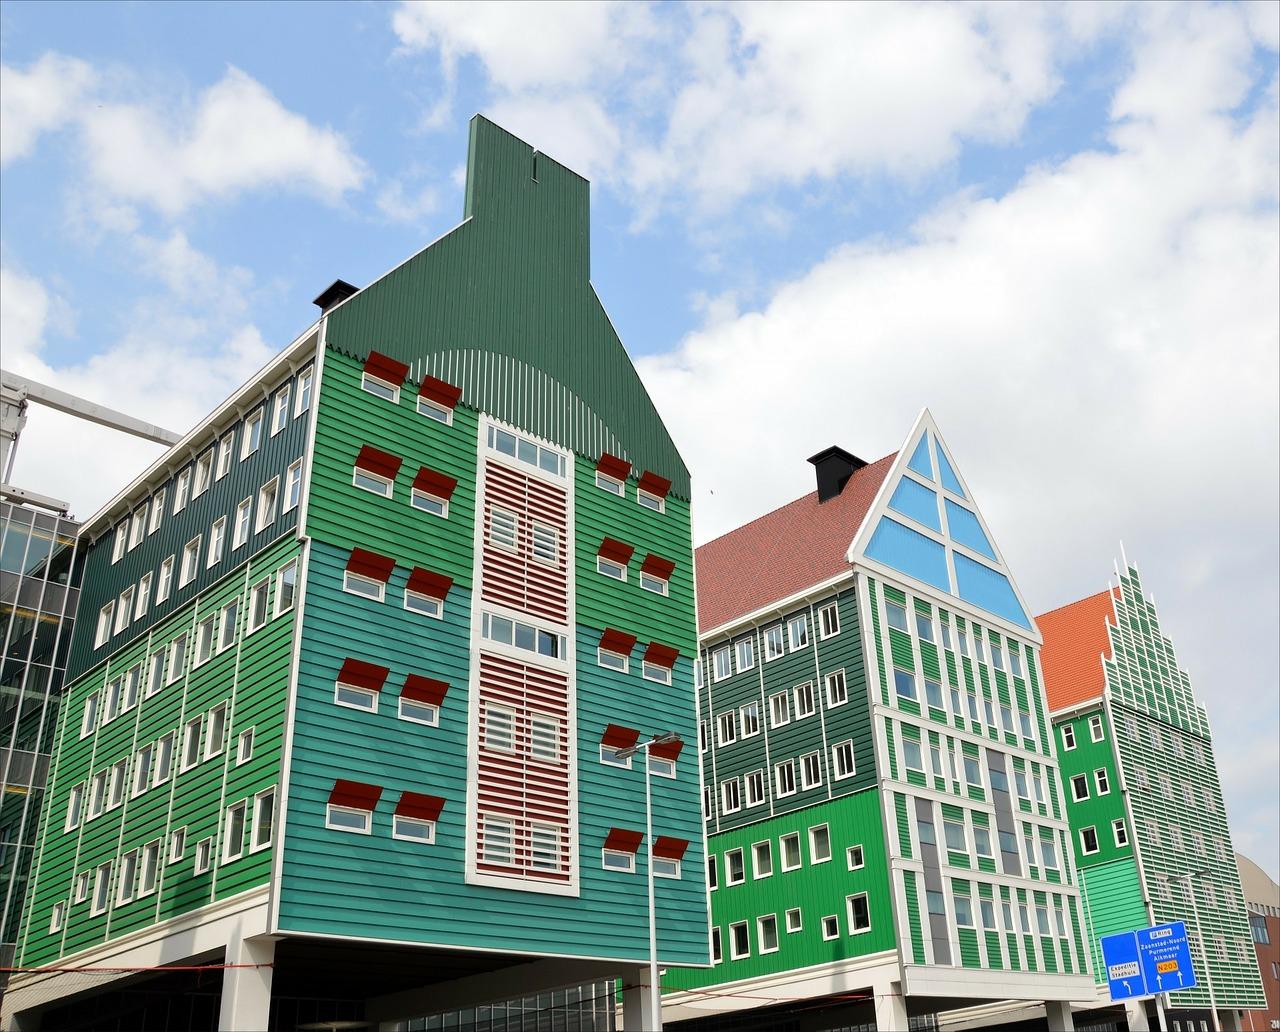 Bij Goedkopecontainer.nl huurt u een grofvuilcontainer in Zaandam tegen de allerbeste prijs.